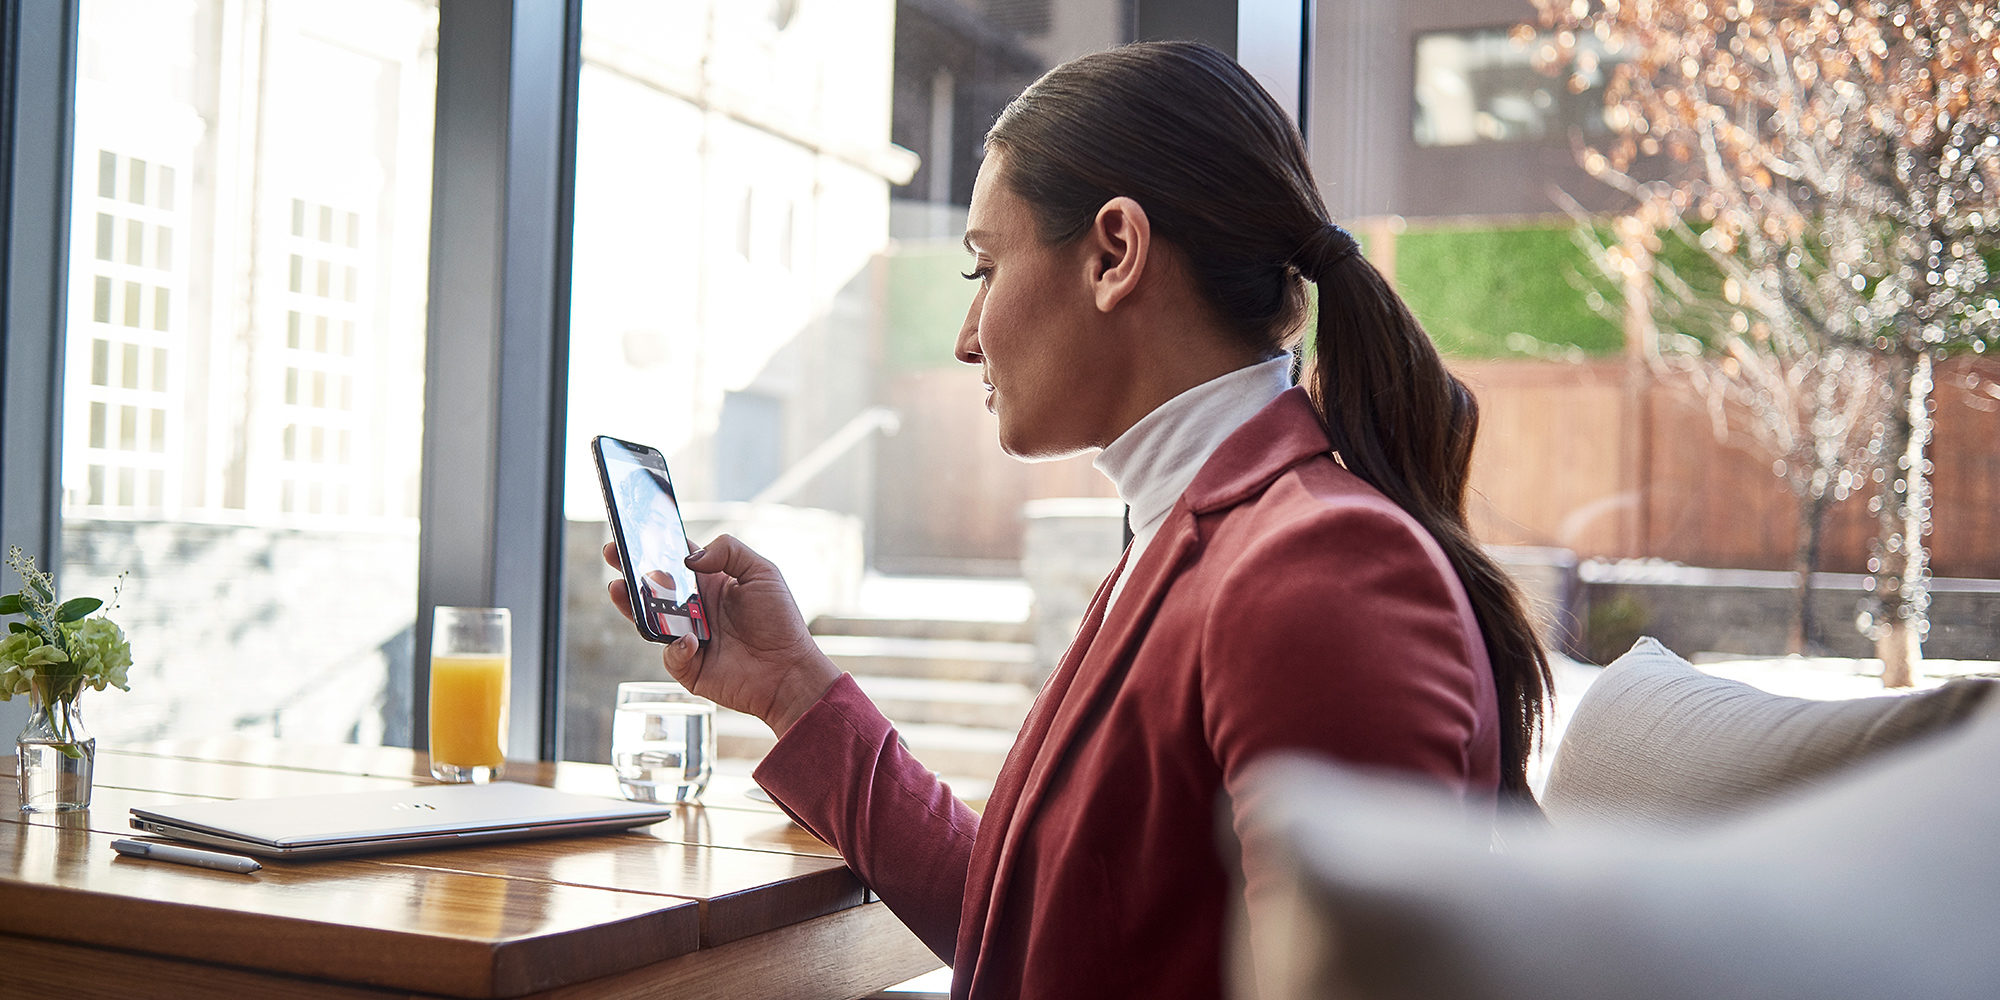 una persona con un telefono davanti a una finestra